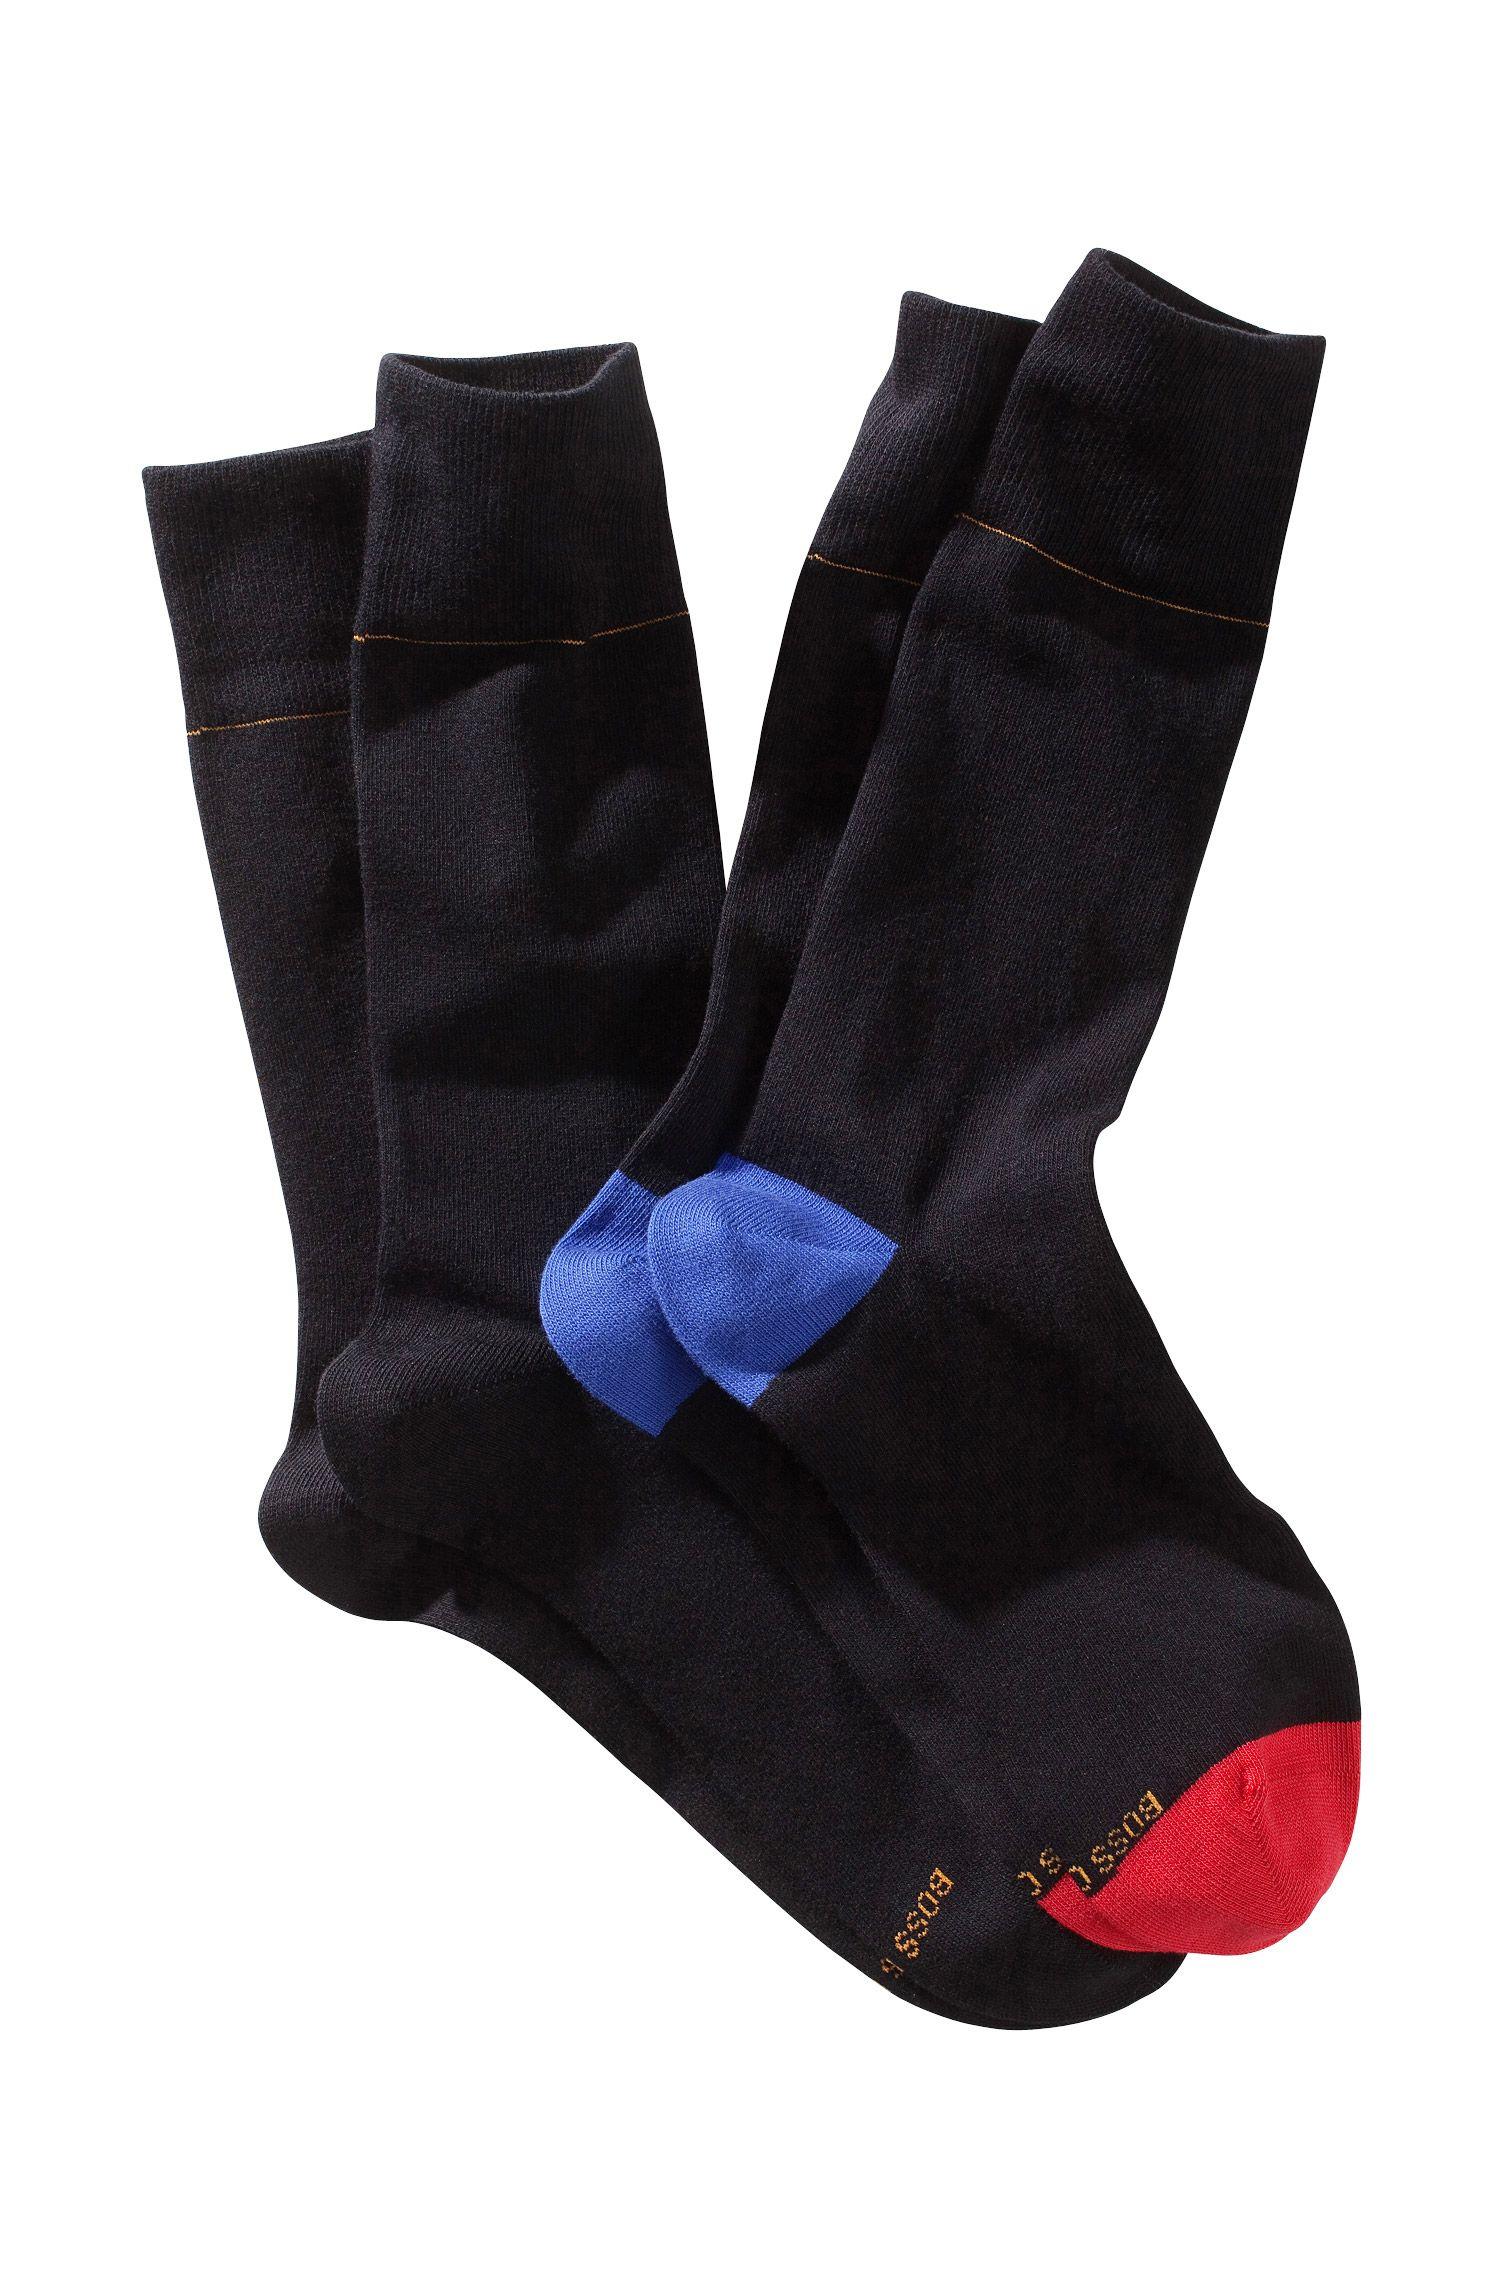 Chaussettes en lot de deux, Twopack RS Design